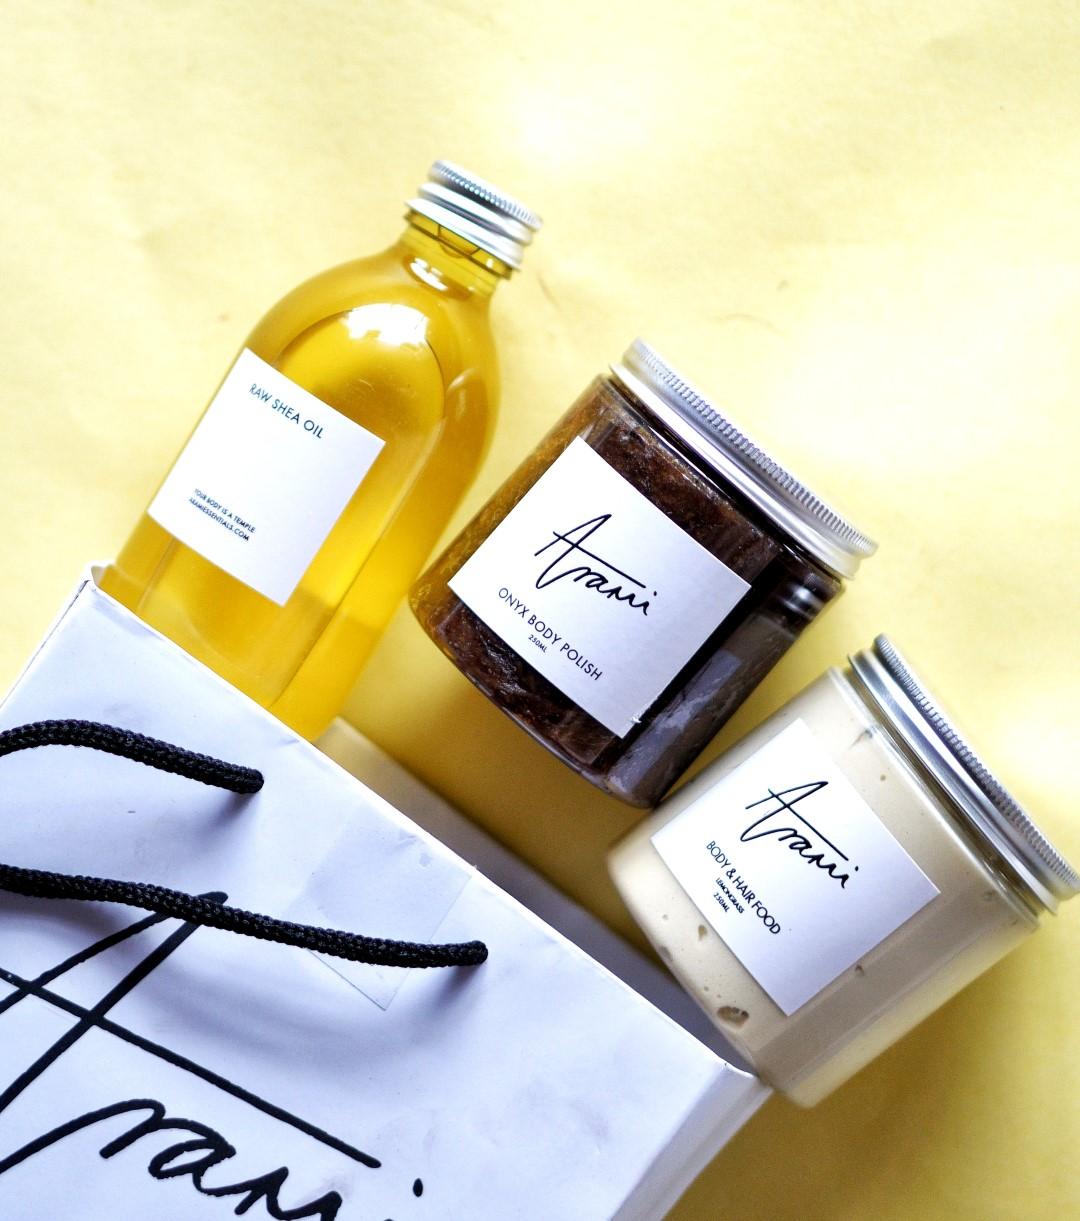 Arami essentials product range